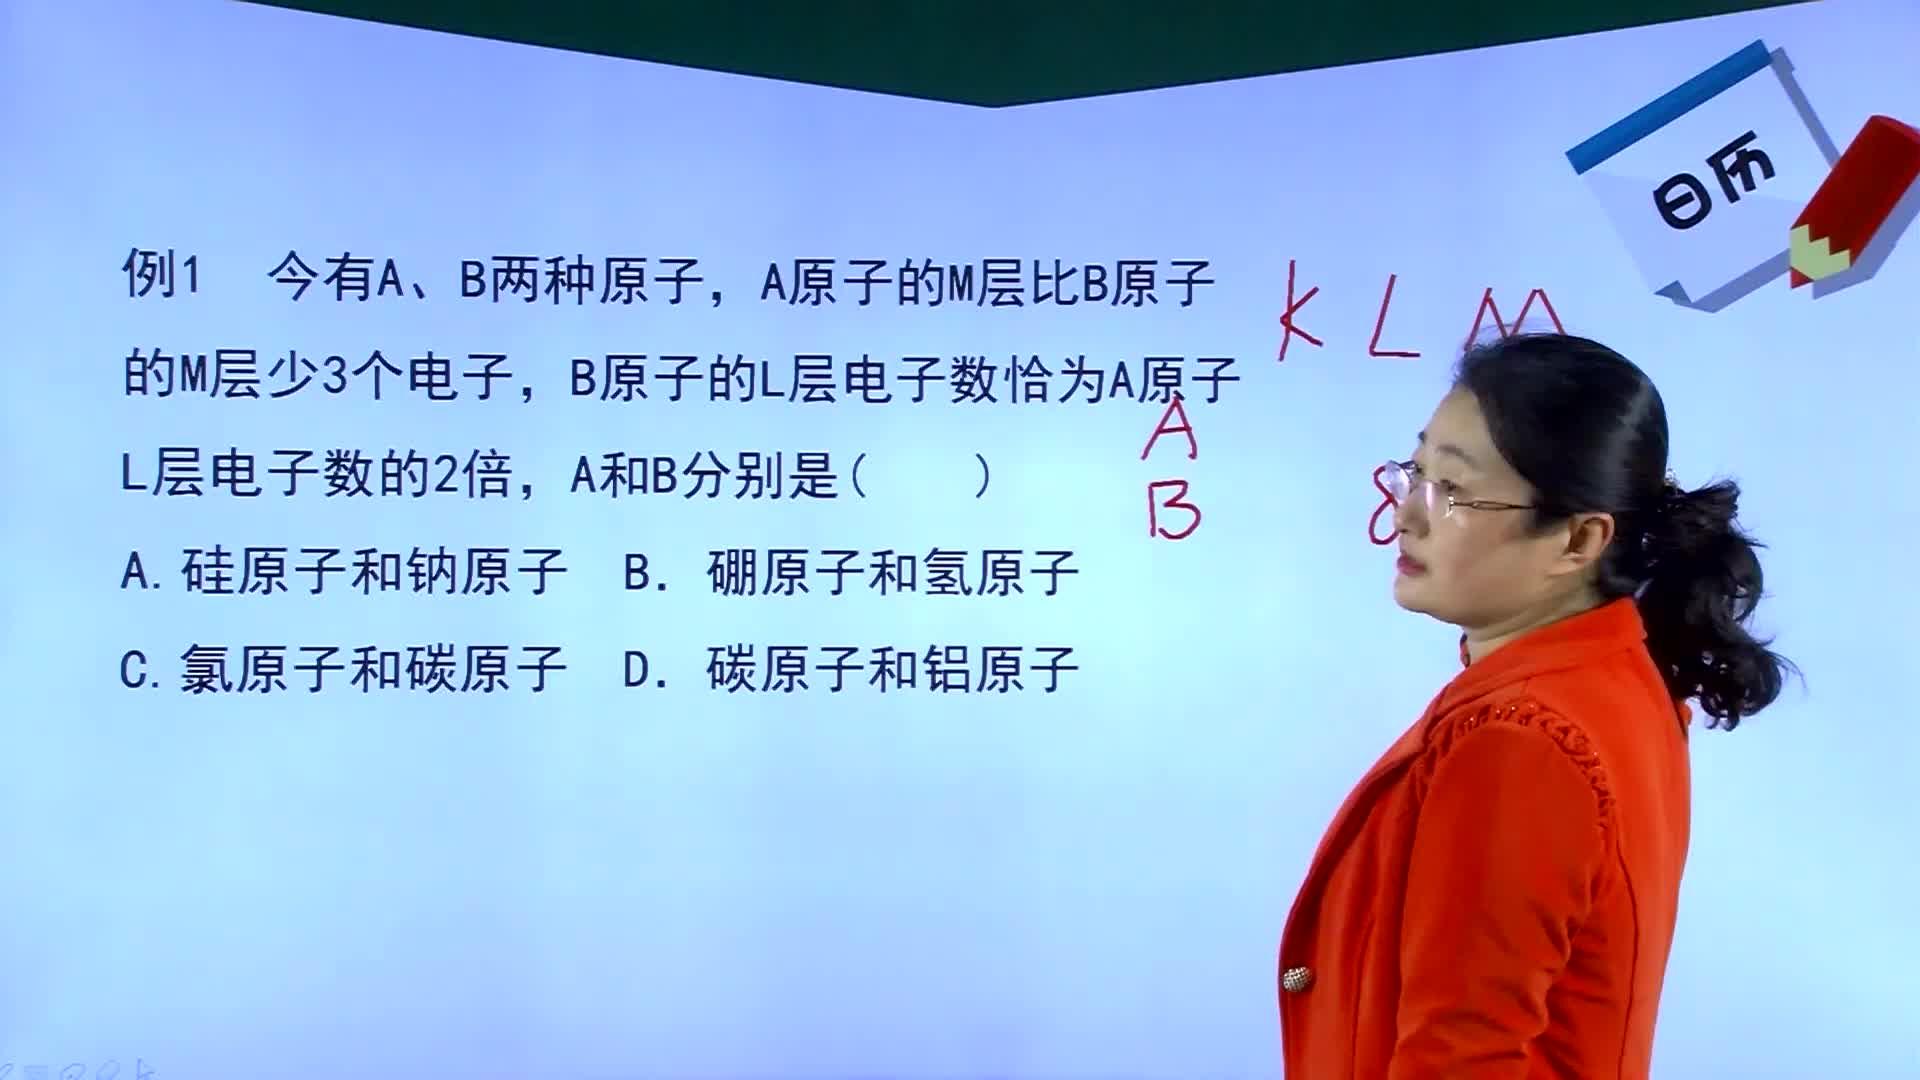 人教版 高中化学二轮复习直击高考 专题三 元素推断(二)-名师示范课